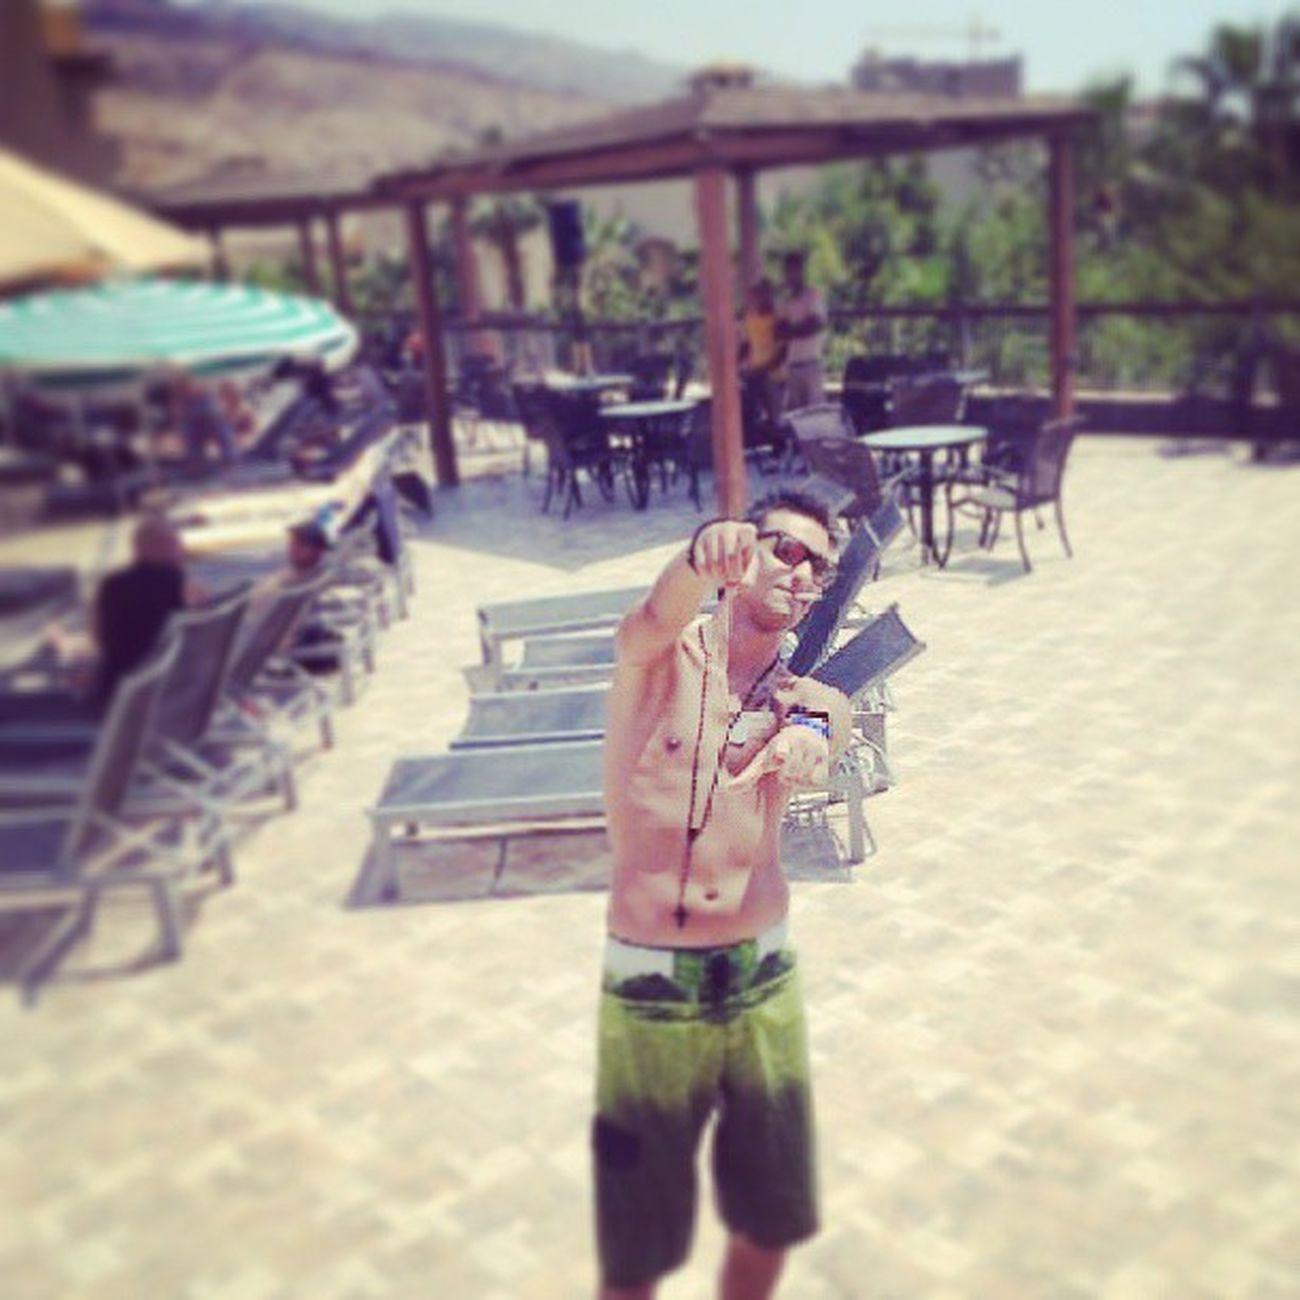 Dead sea <3 Amman Jordan Jo Deadsea Feeltheheat music SamoSoviet